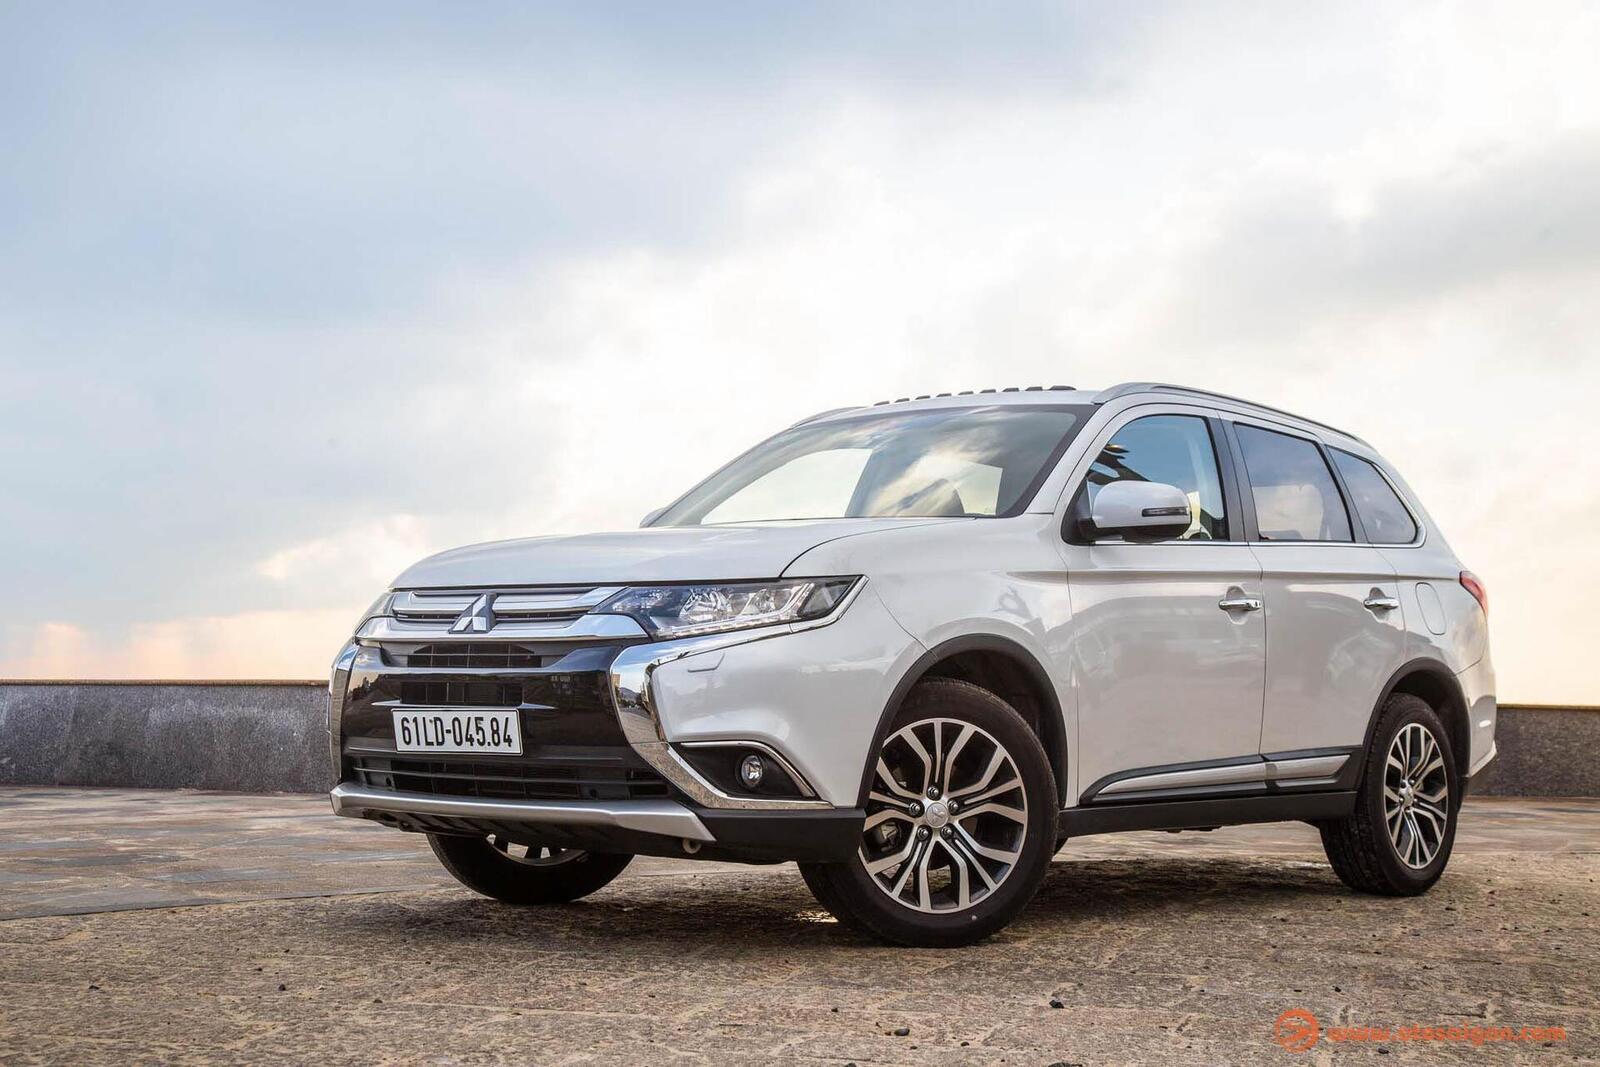 So sánh Hyundai Santa Fe 2019 với các đối thủ trong phân khúc SUV - Hình 15